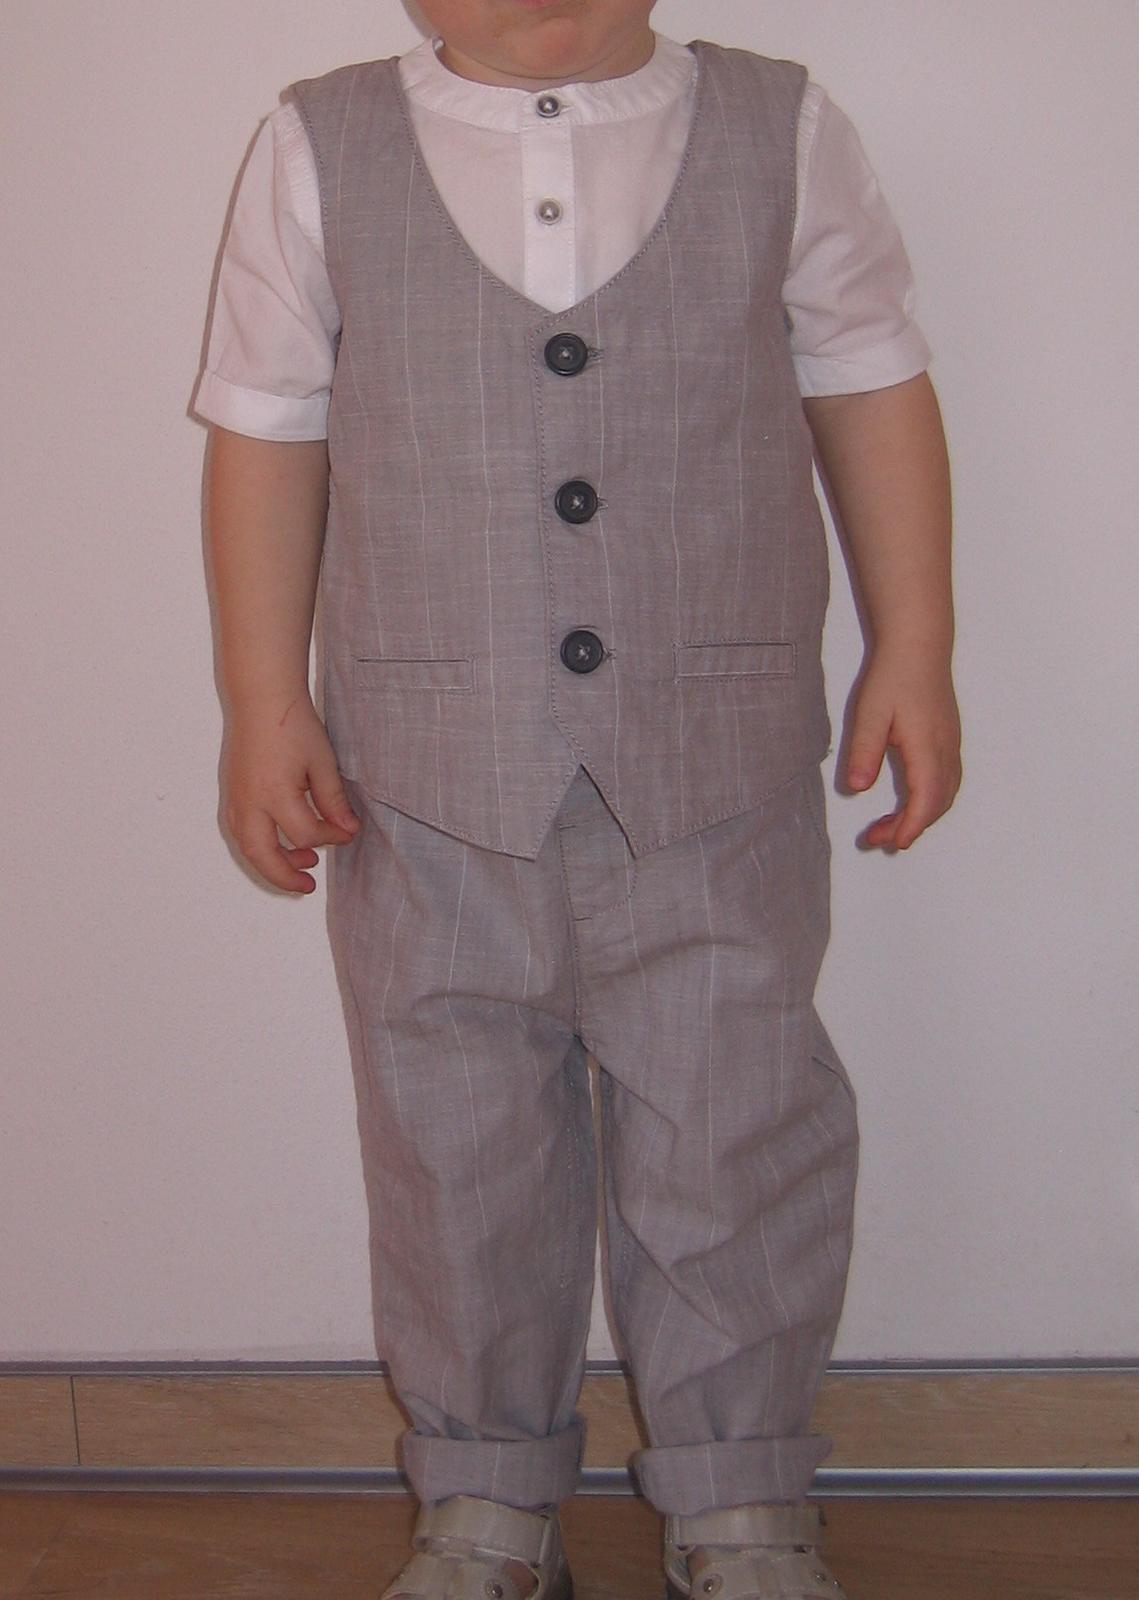 Chlapecký oblek - kalhoty, vesta, košile - Obrázek č. 1